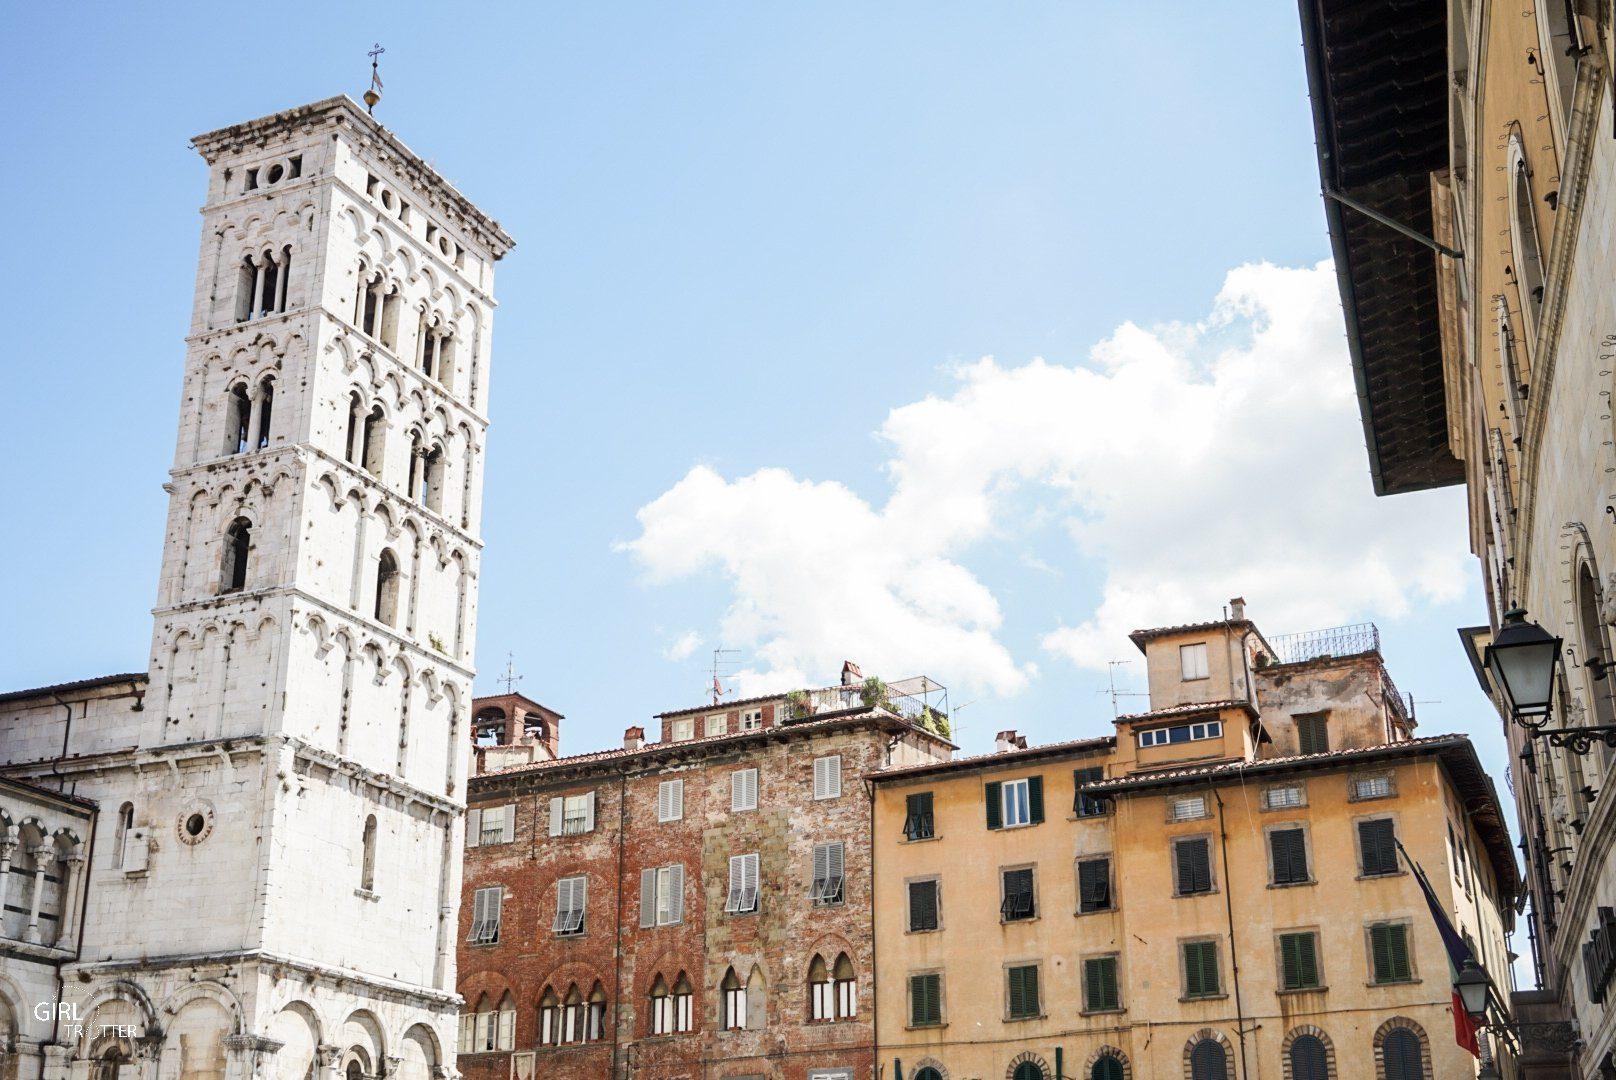 Lucca plazza San Michele in Foro